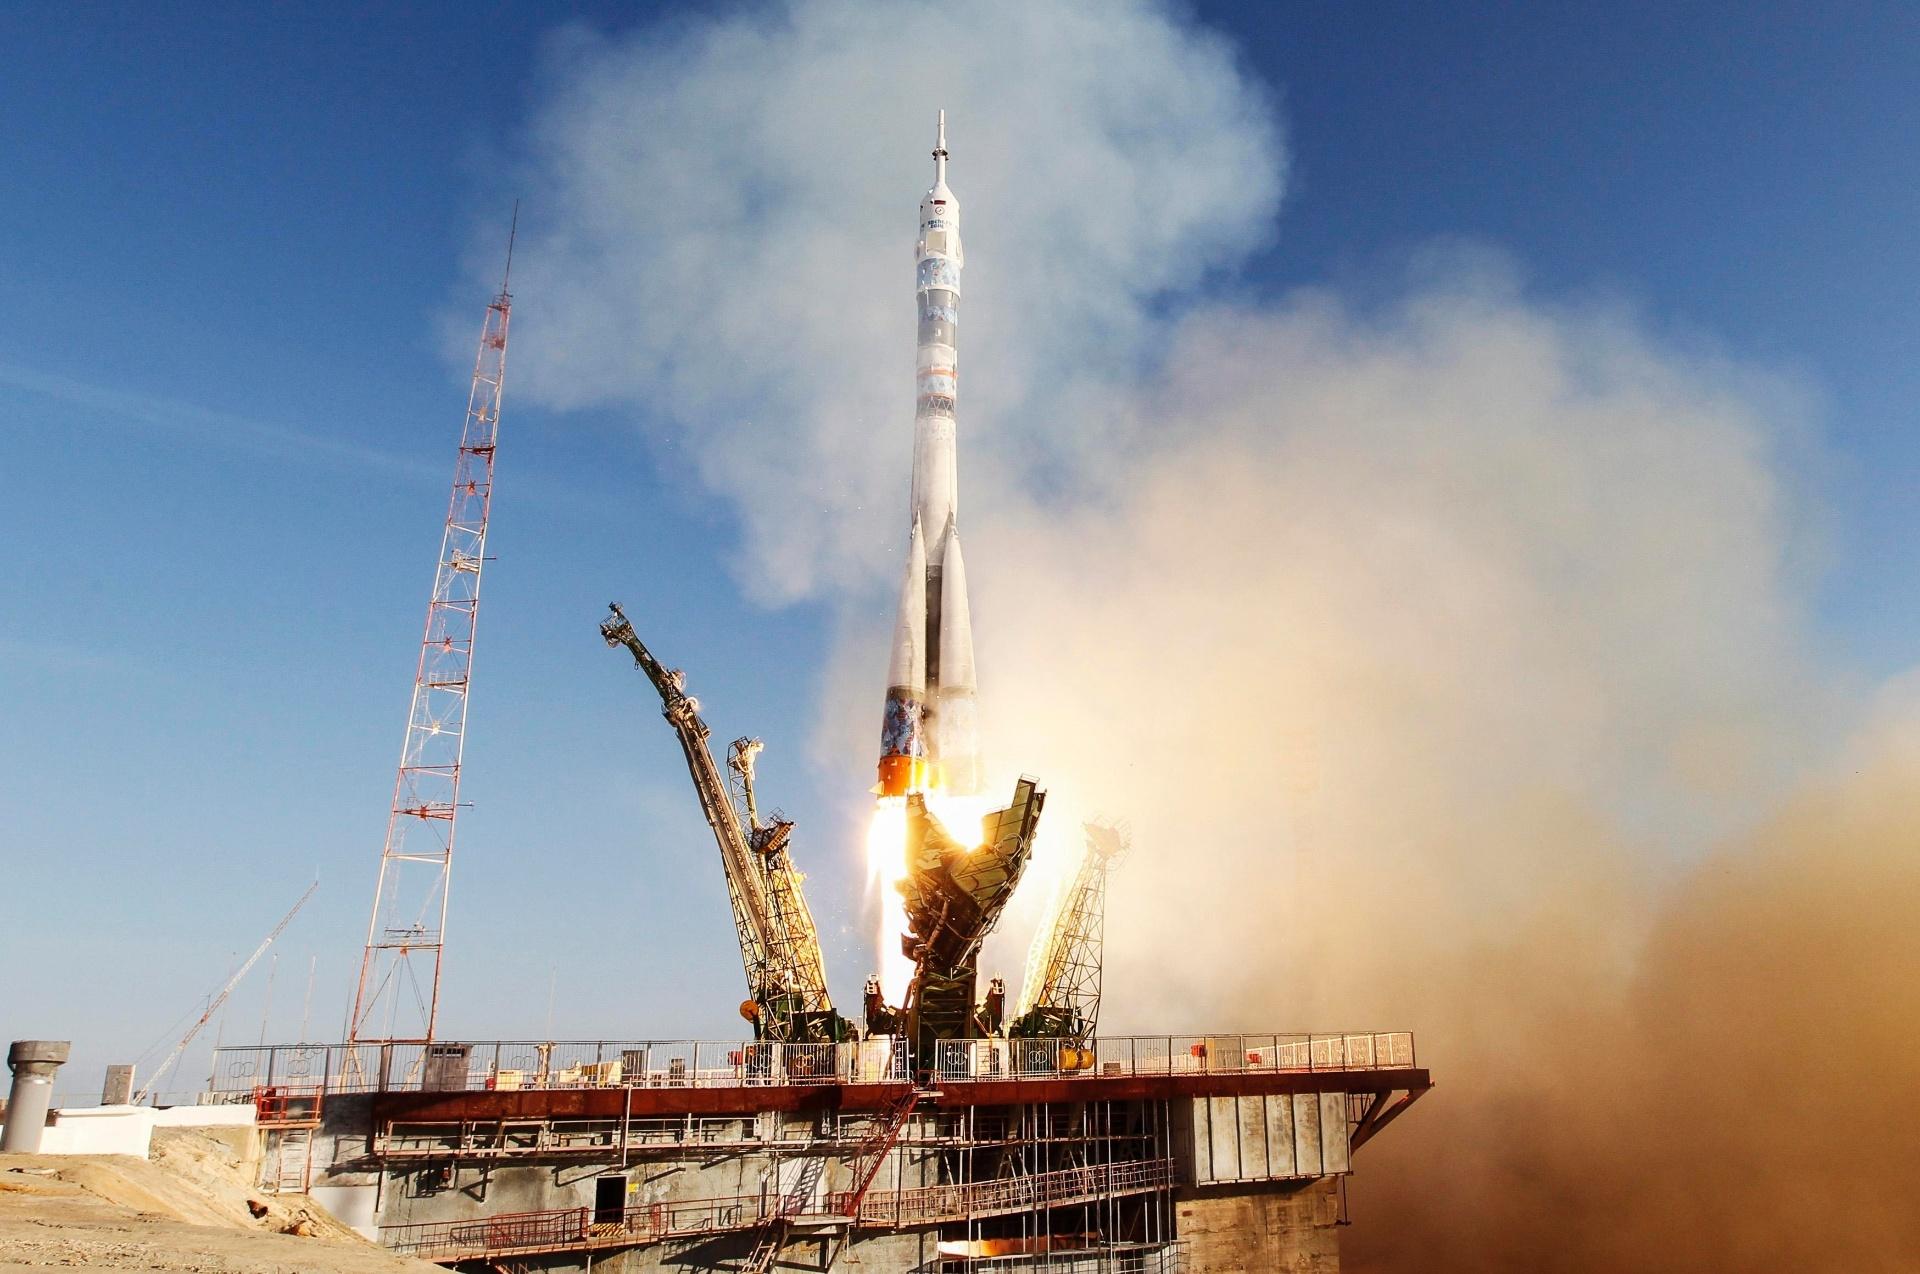 Lançamento do foguete Soyuz, que foi decorado com um floco de neve azul e branco em homenagem às Olimpíadas de Inverno